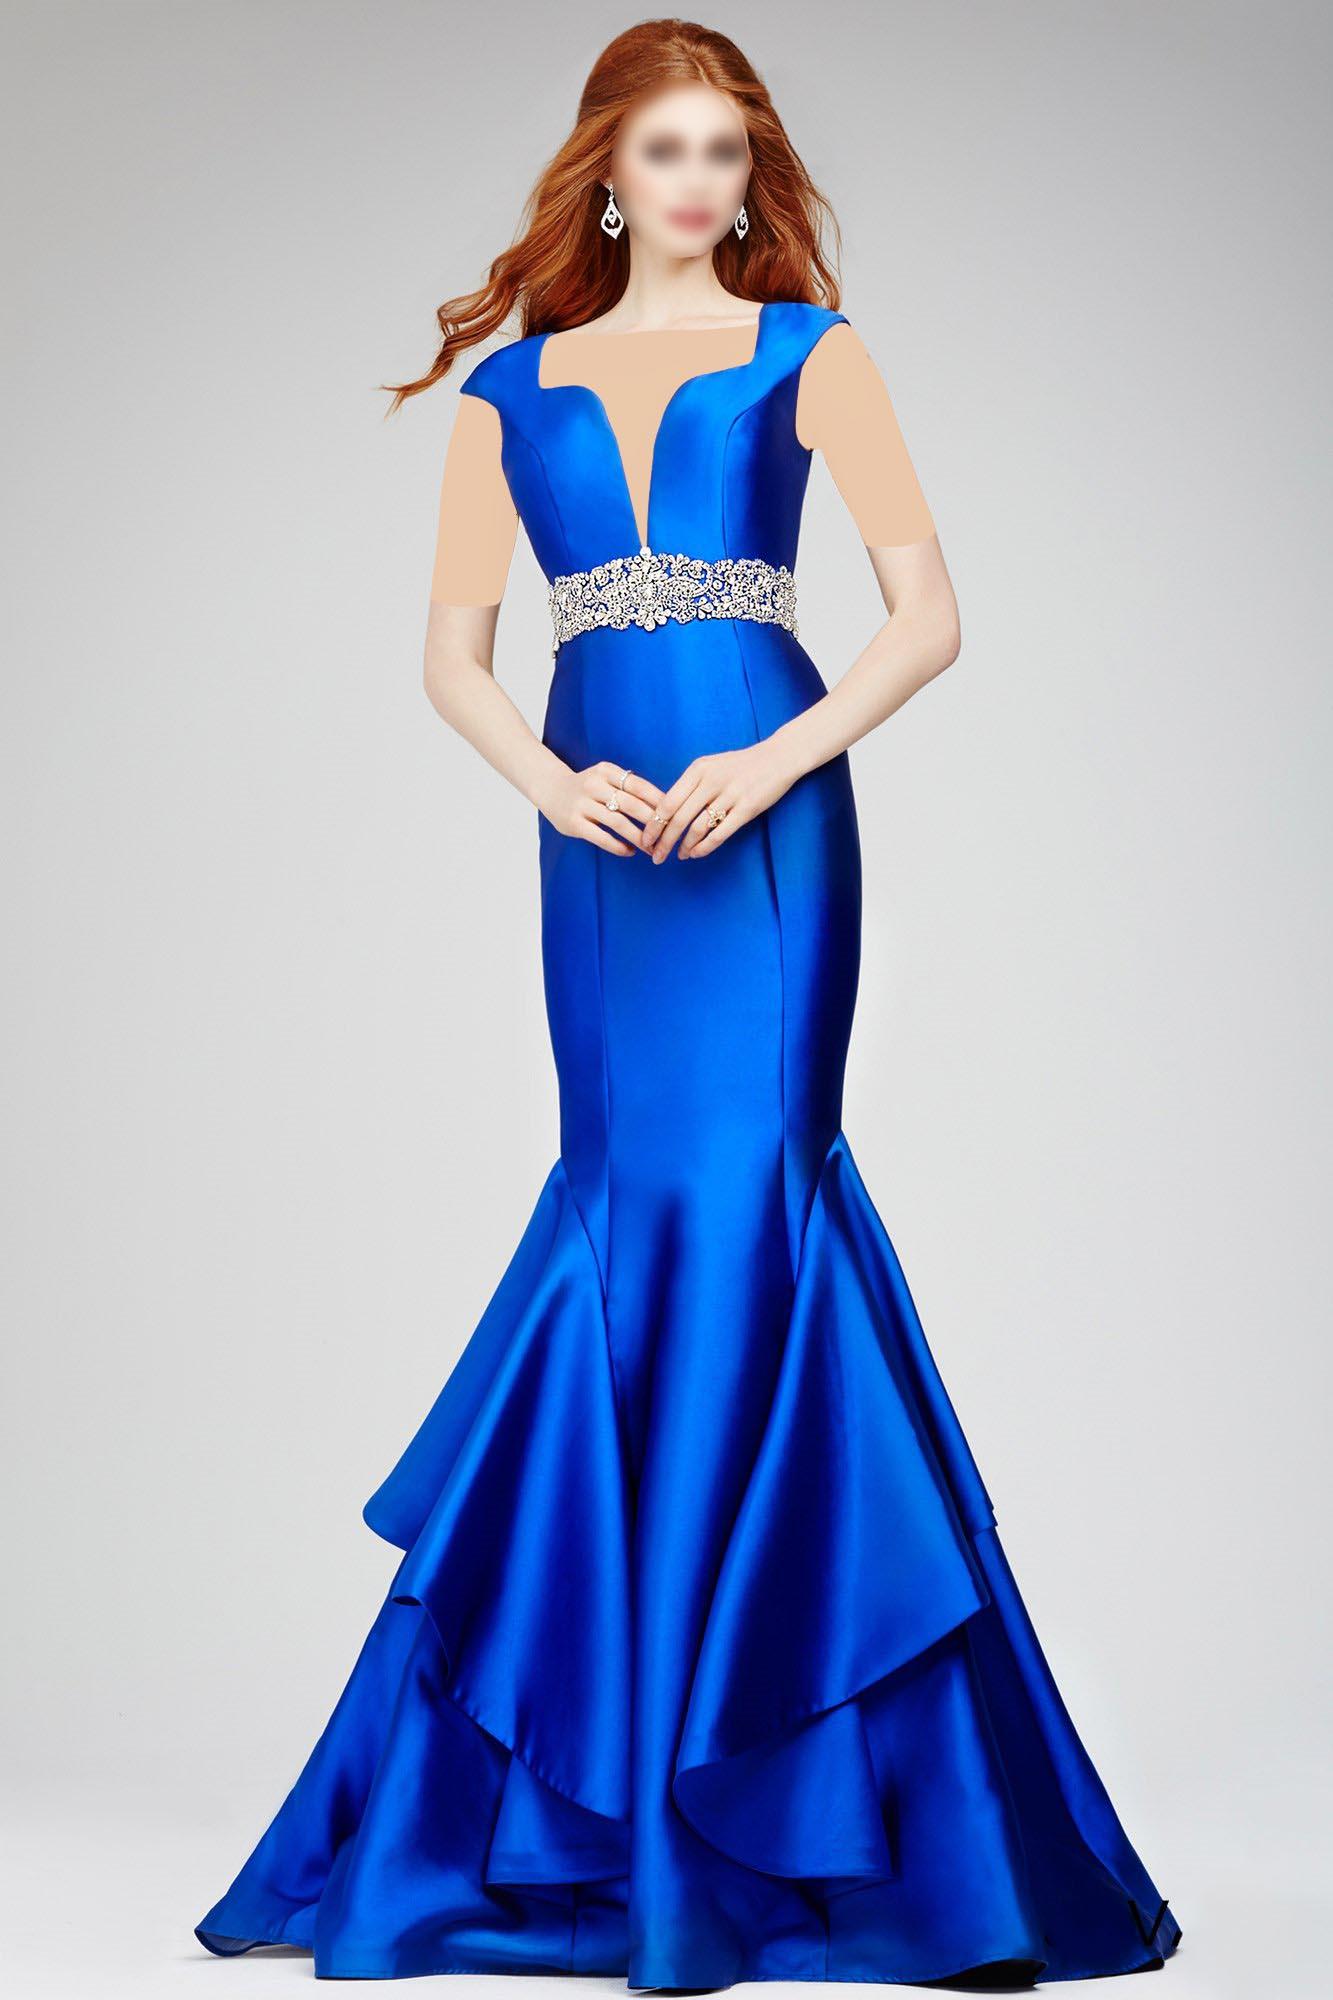 مدل های لباس شب جديد زنانه  2016